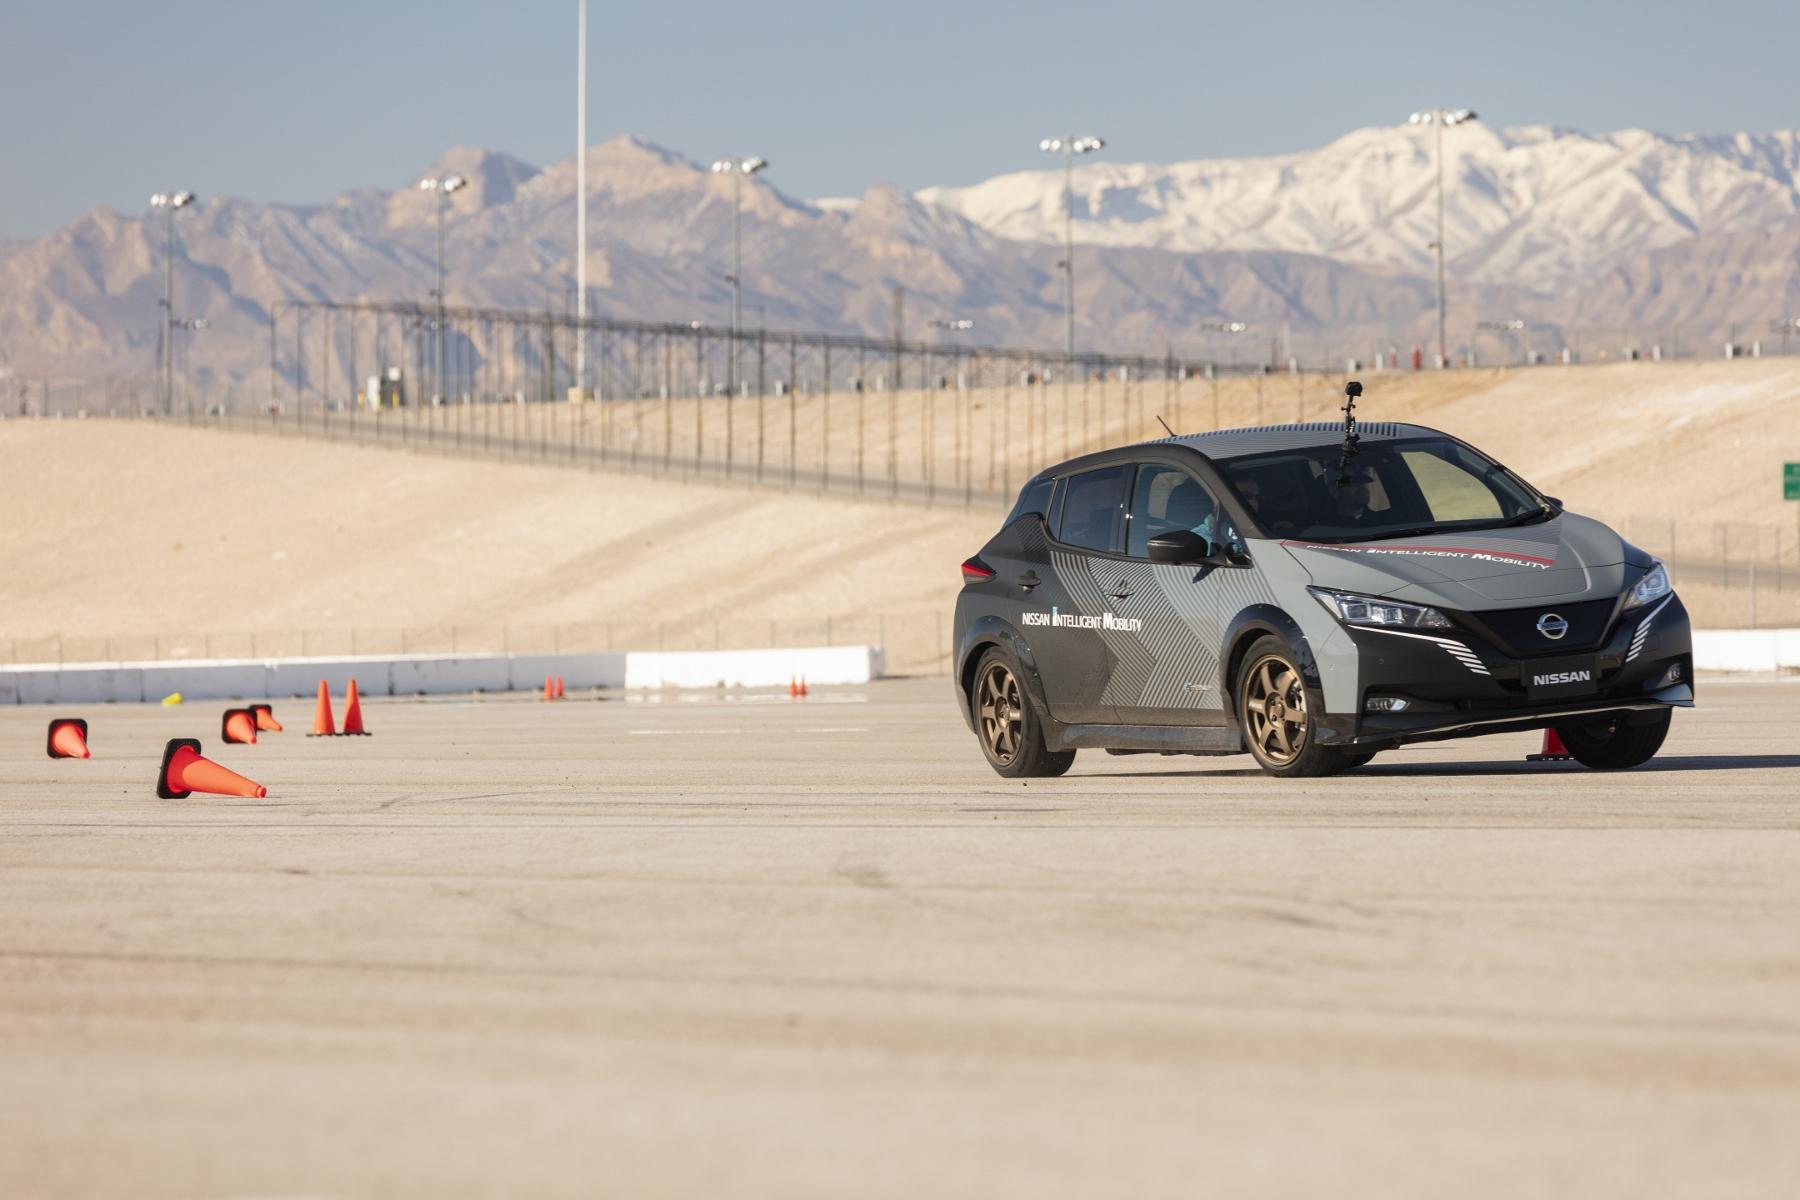 Nissan prichádza s revolučným elektrickým pohonom všetkých kolies LgoGrVgW75 nissan-leaf-prototyp-4